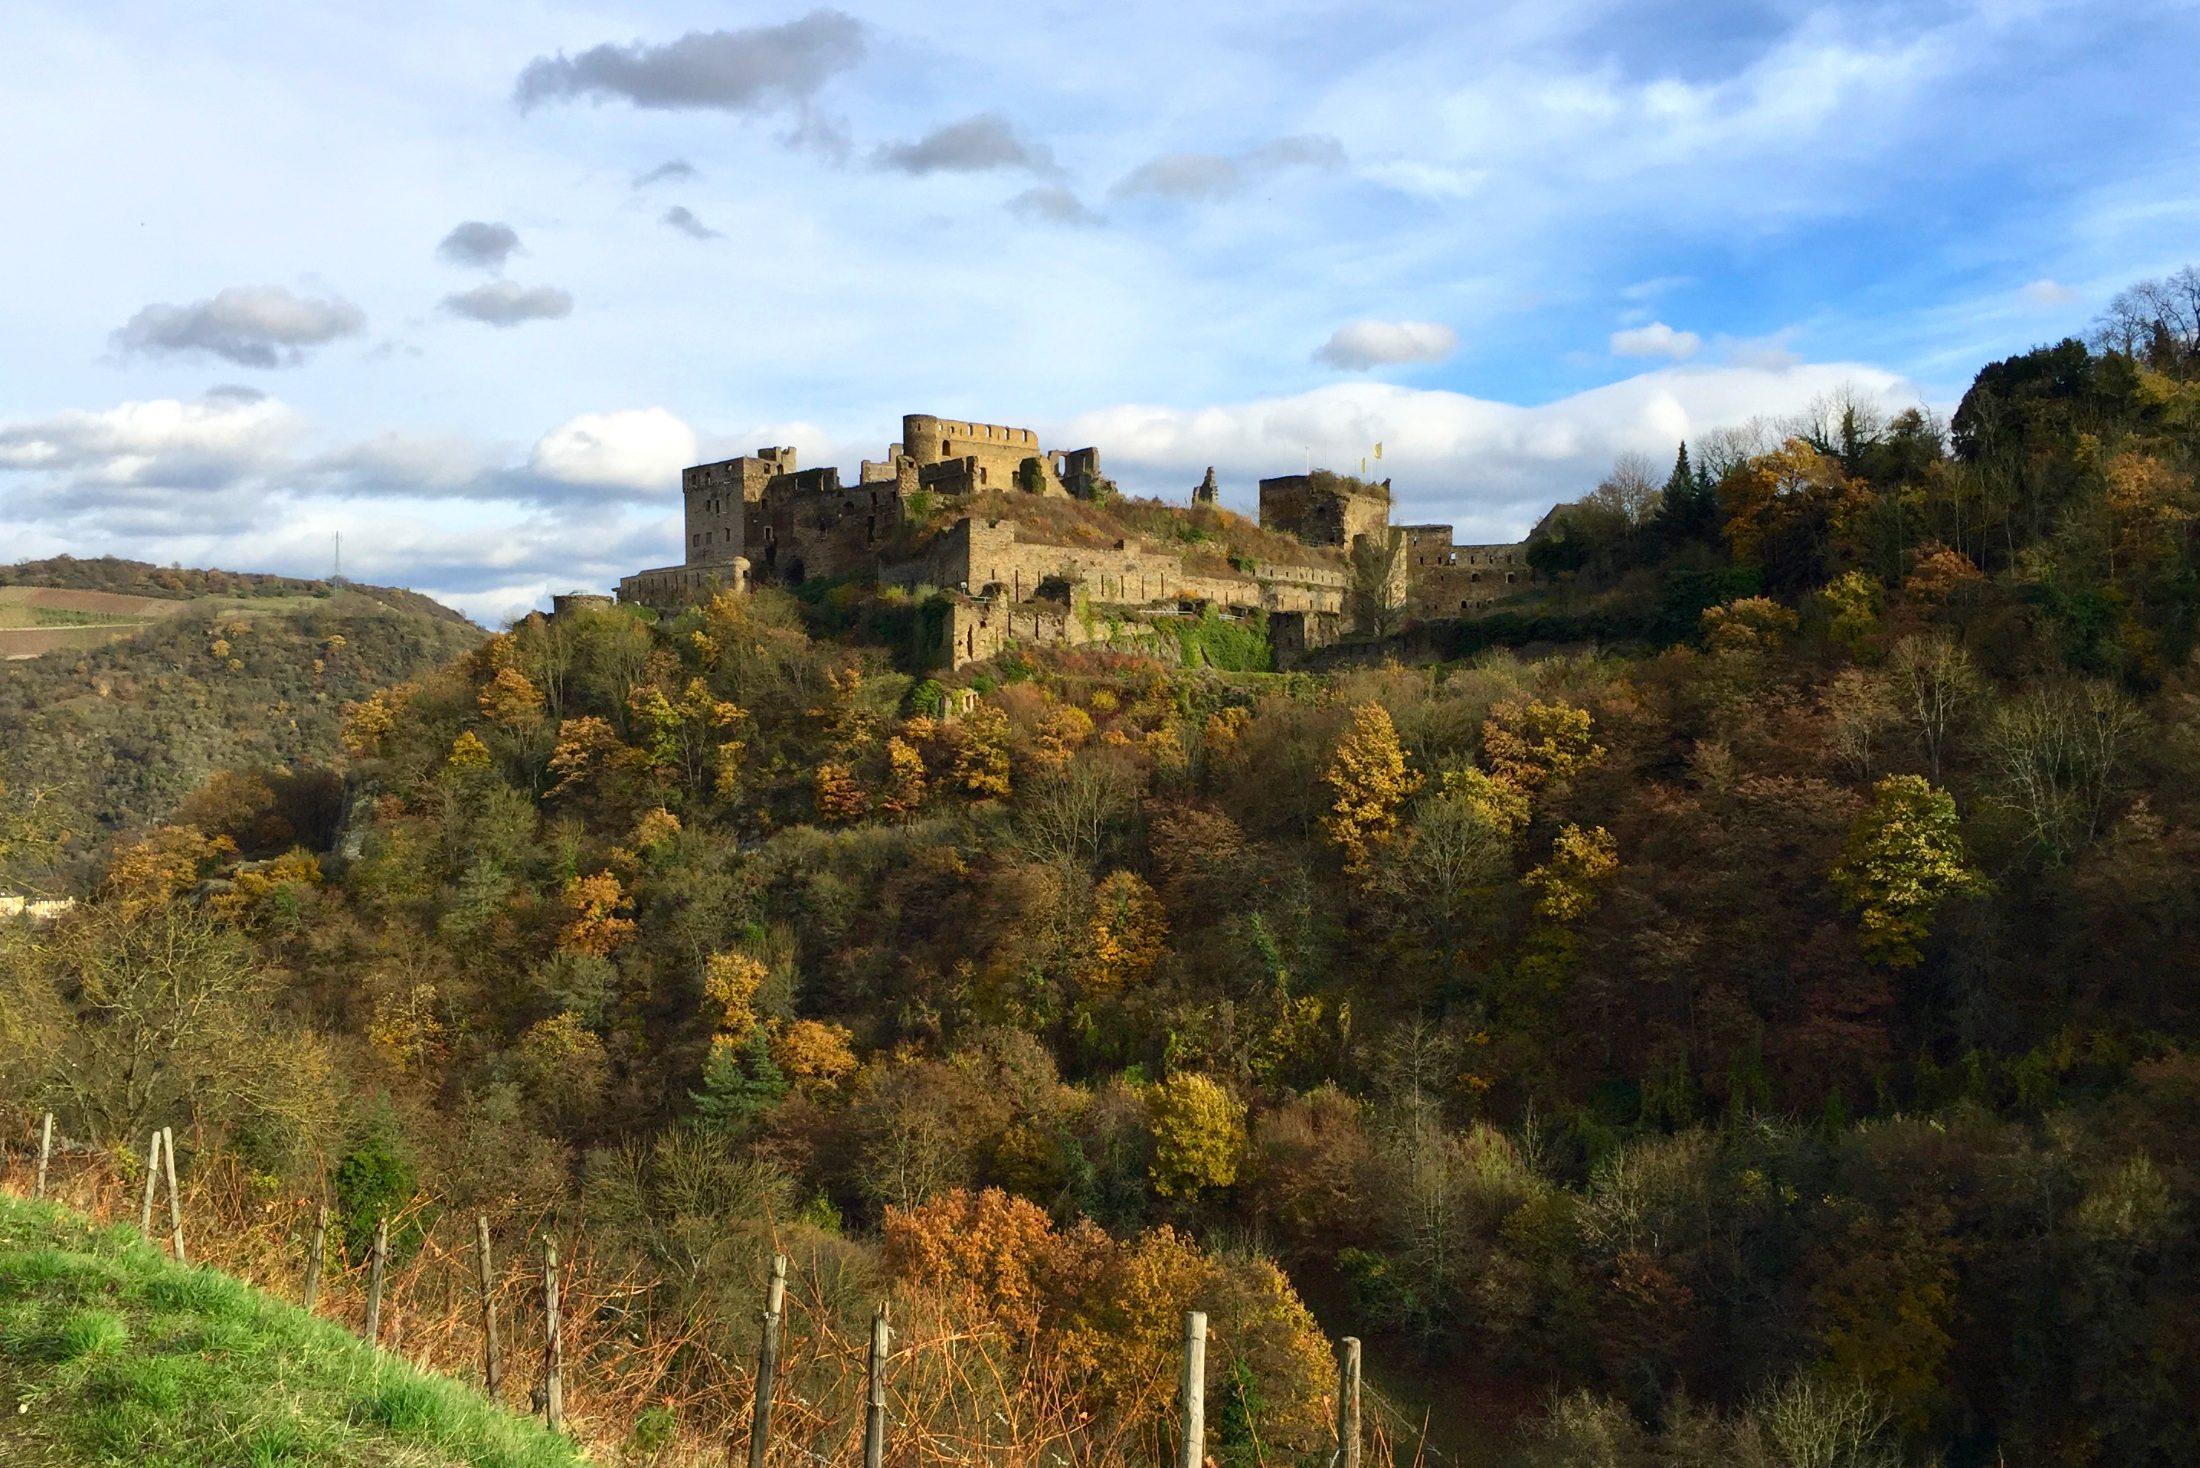 Burg Rheinfel, St. Goar